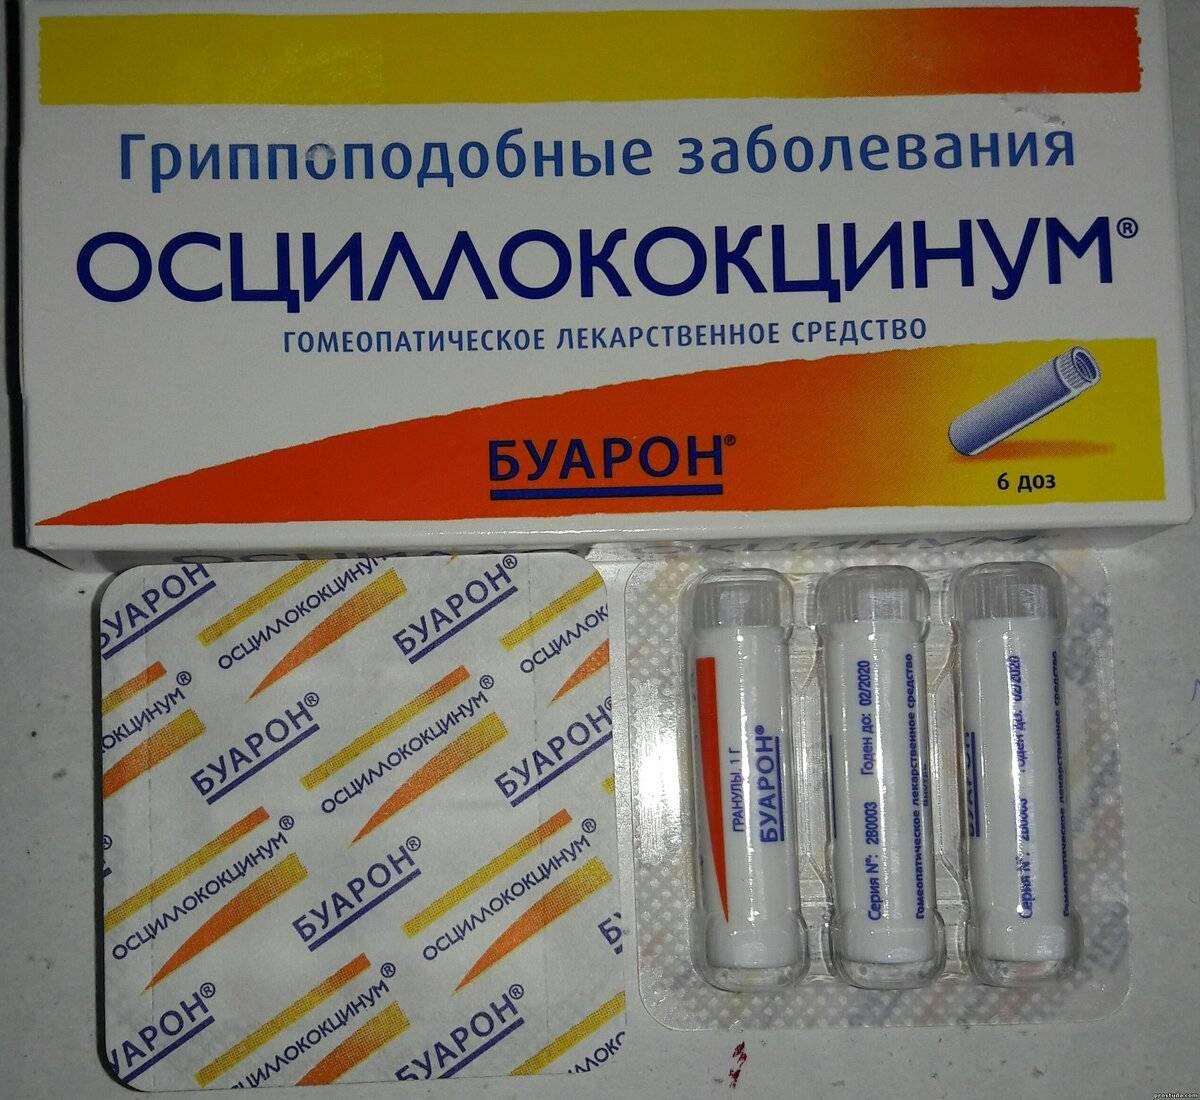 Оциллококцинум: инструкция для беременных, как принимать взрослым и детям